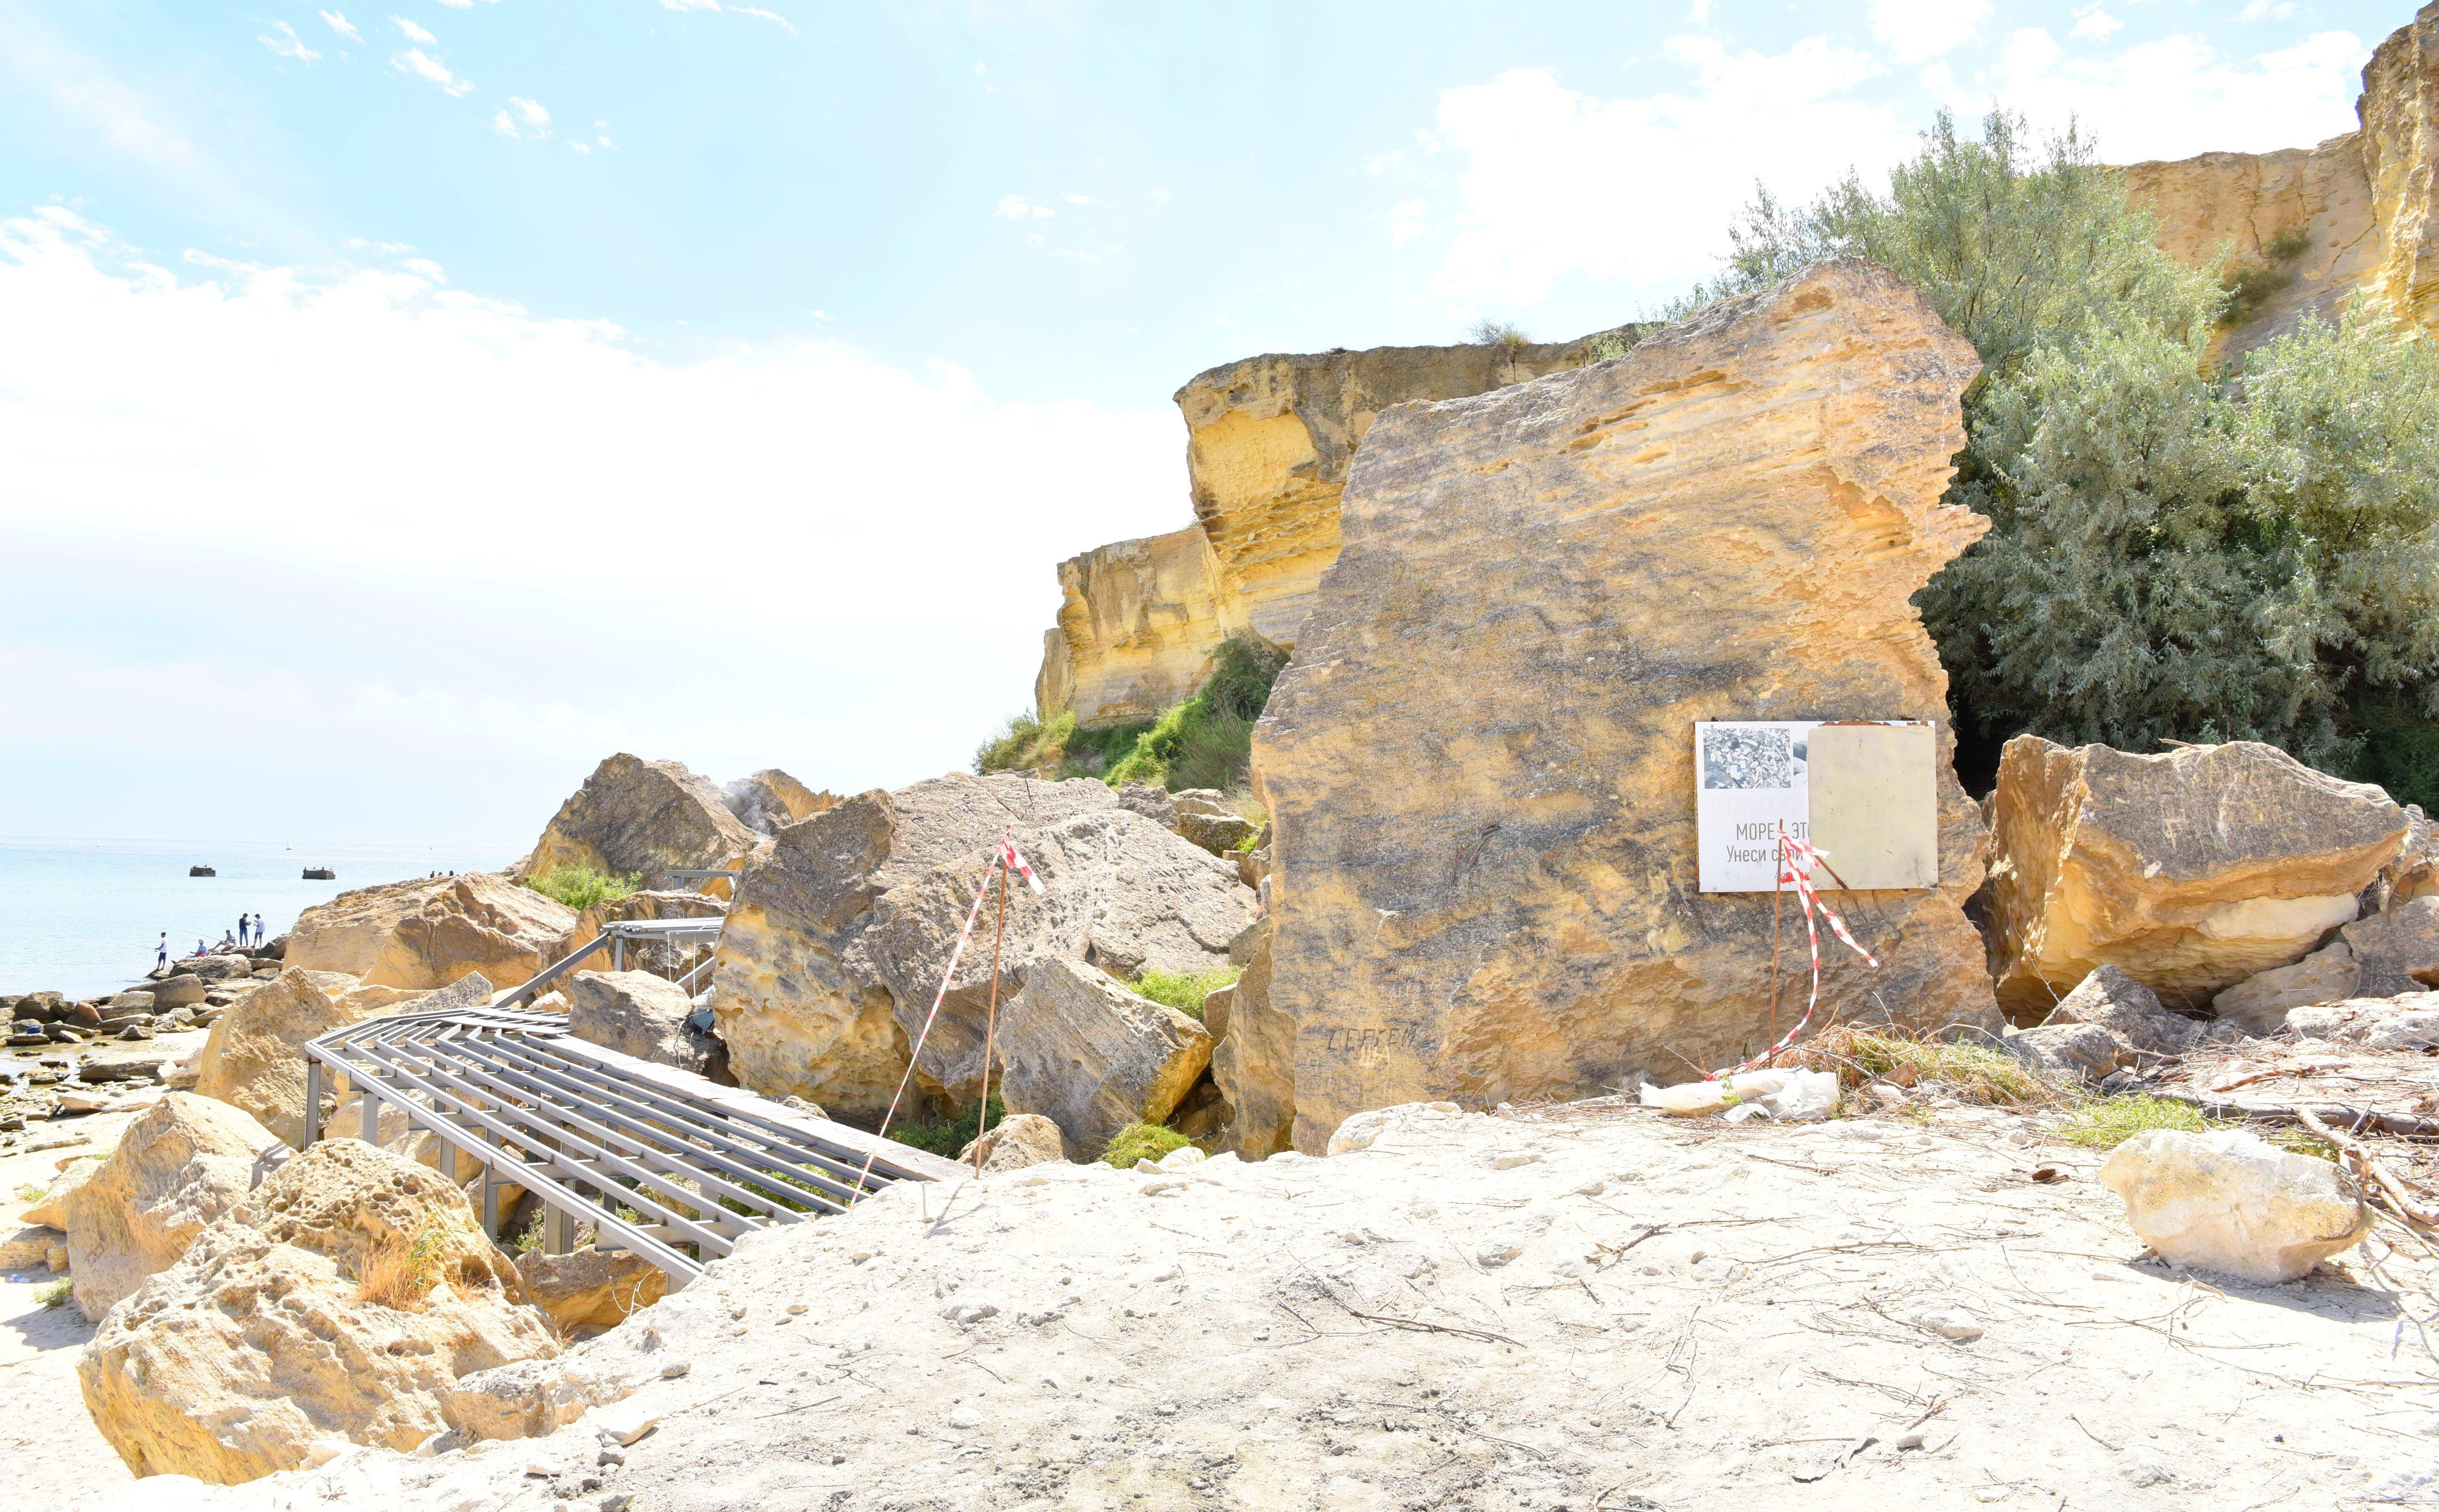 скальная тропа будет полностью завершена в 2019 году